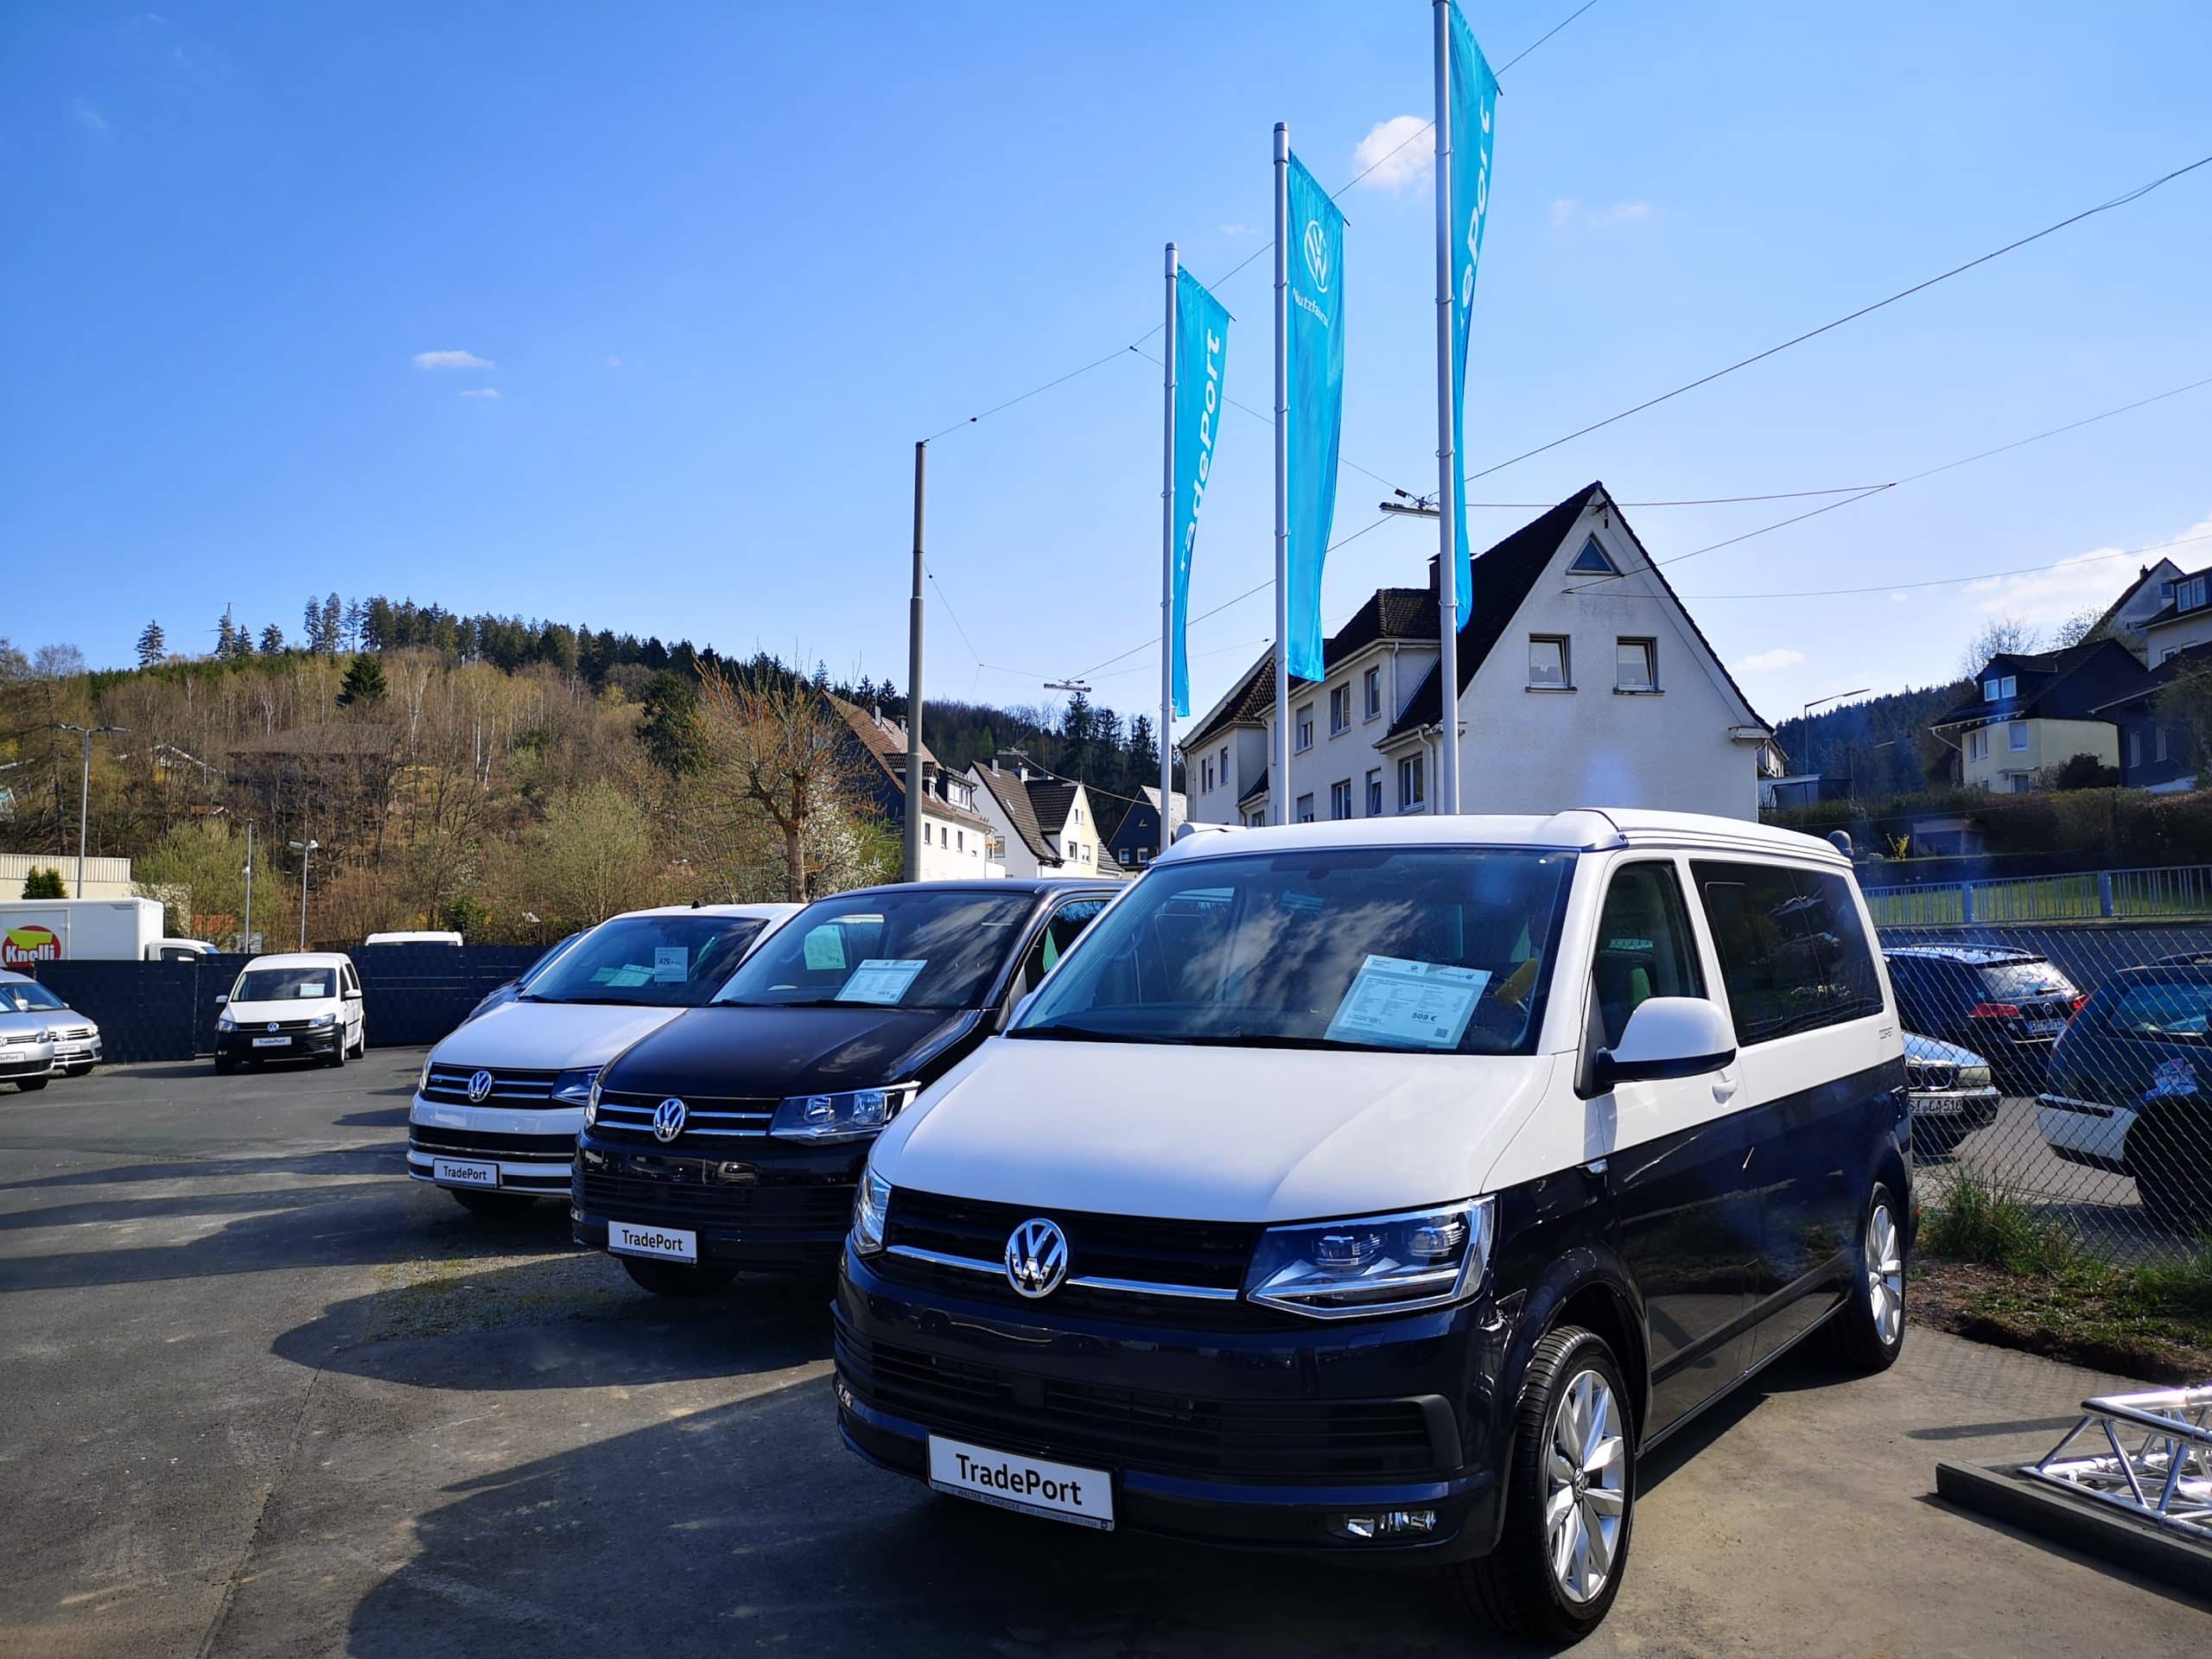 VW TradePort Lagerfahrzeuge bei Walter Schneider